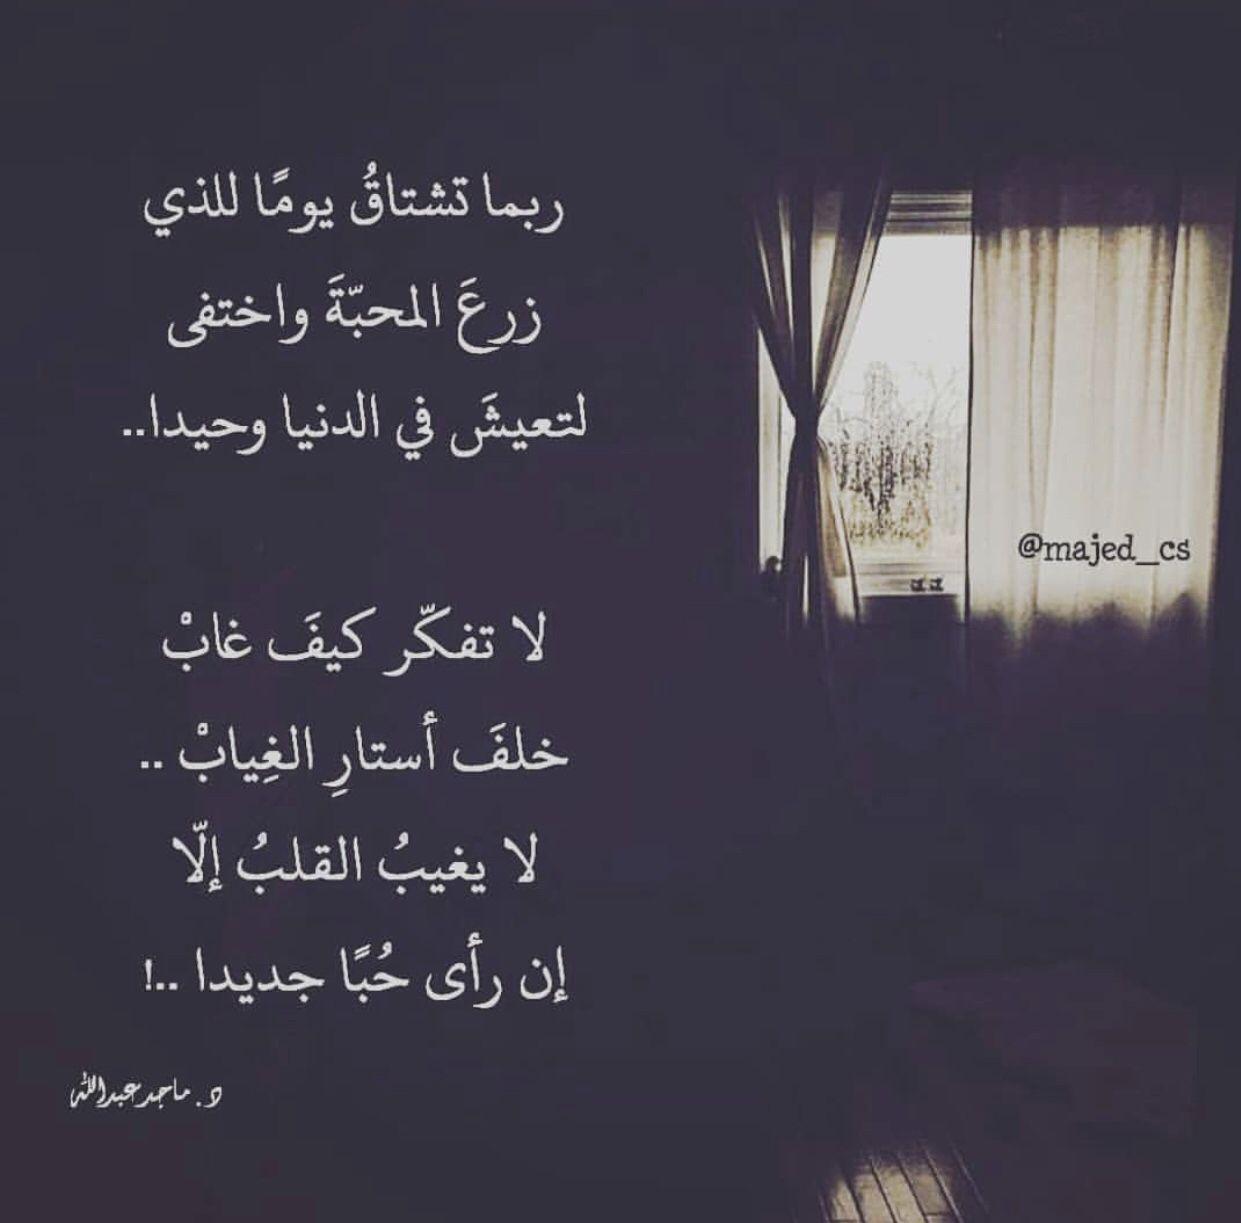 لا يقدر على الغياب إلا من لديه بديل Arabic Quotes Sweet Quotes Words Quotes